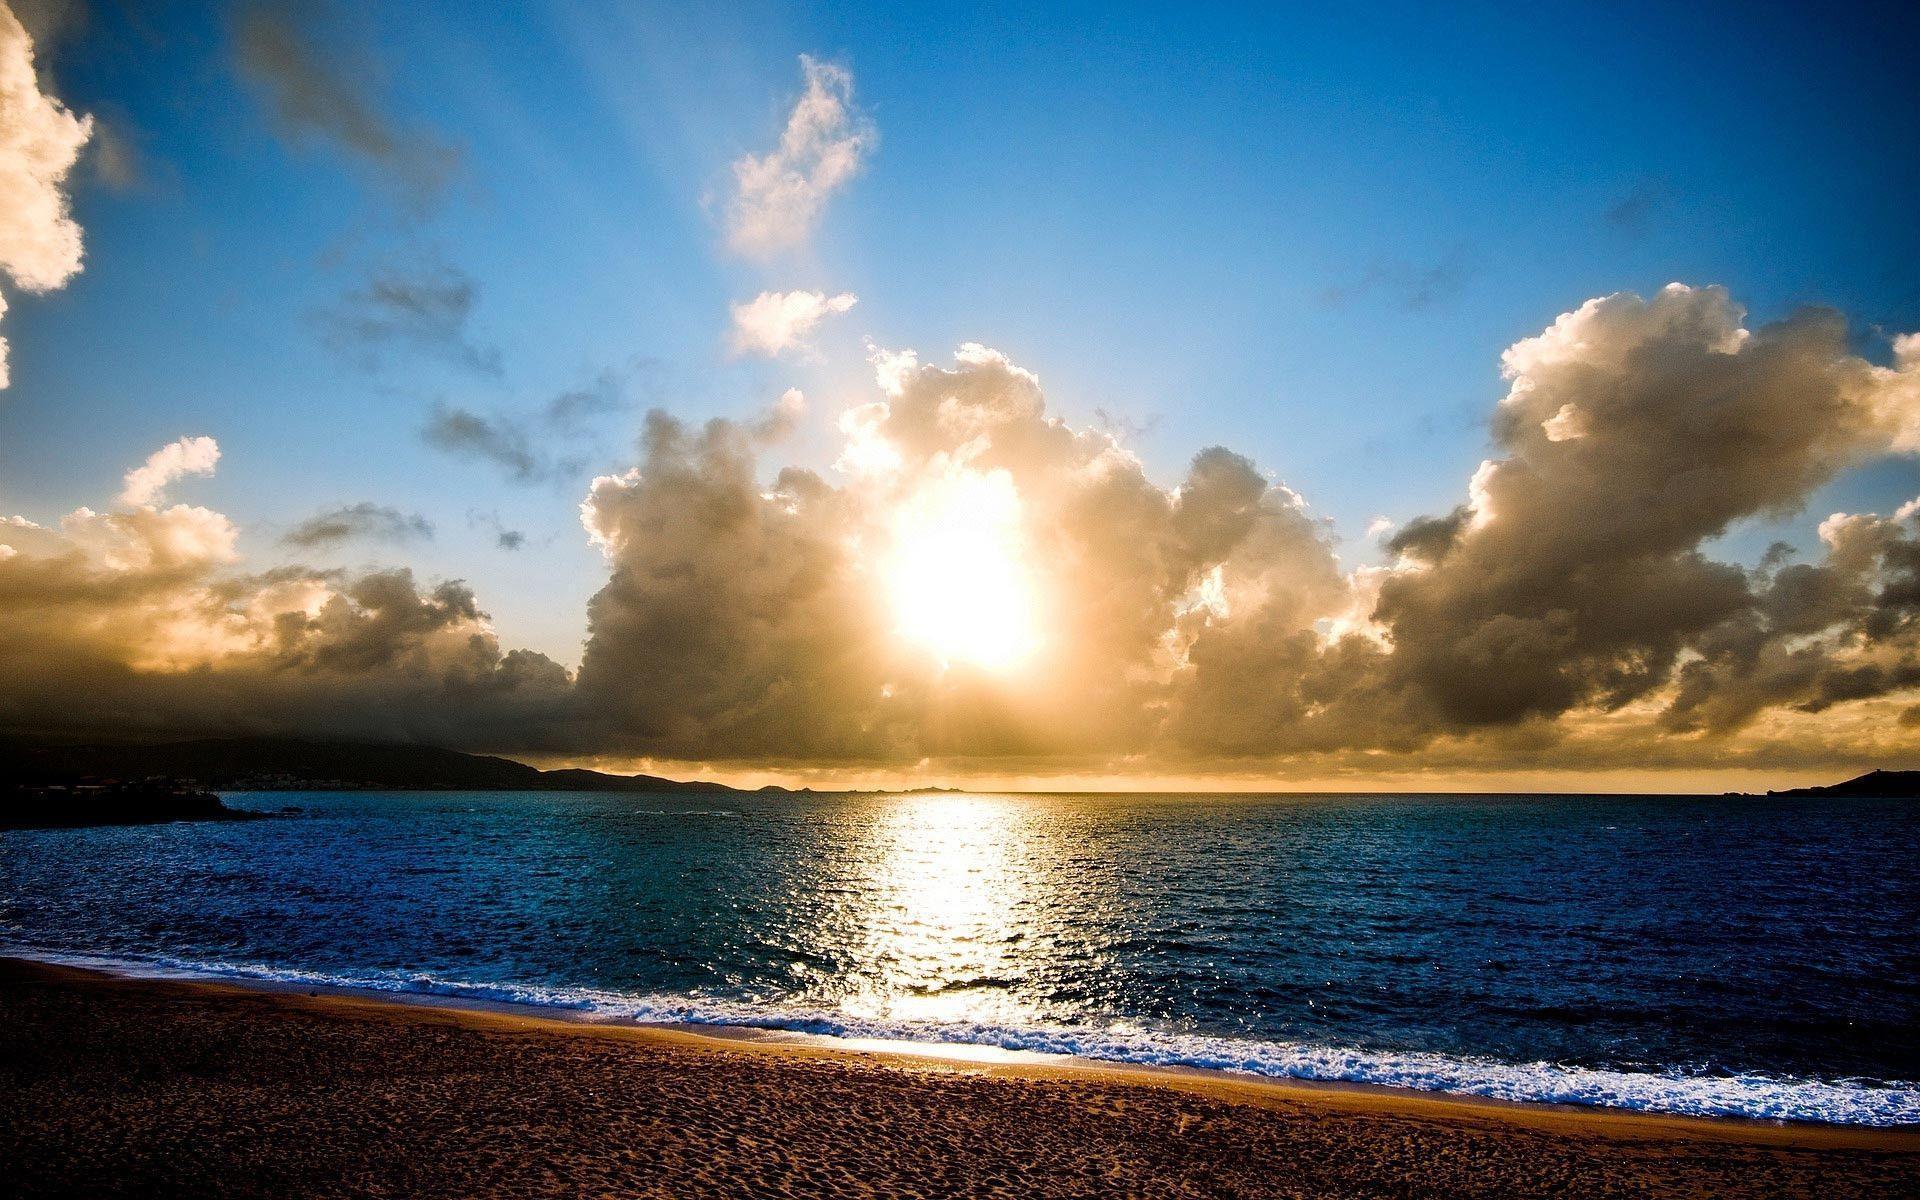 beach sunrise tumblr hd - photo #13